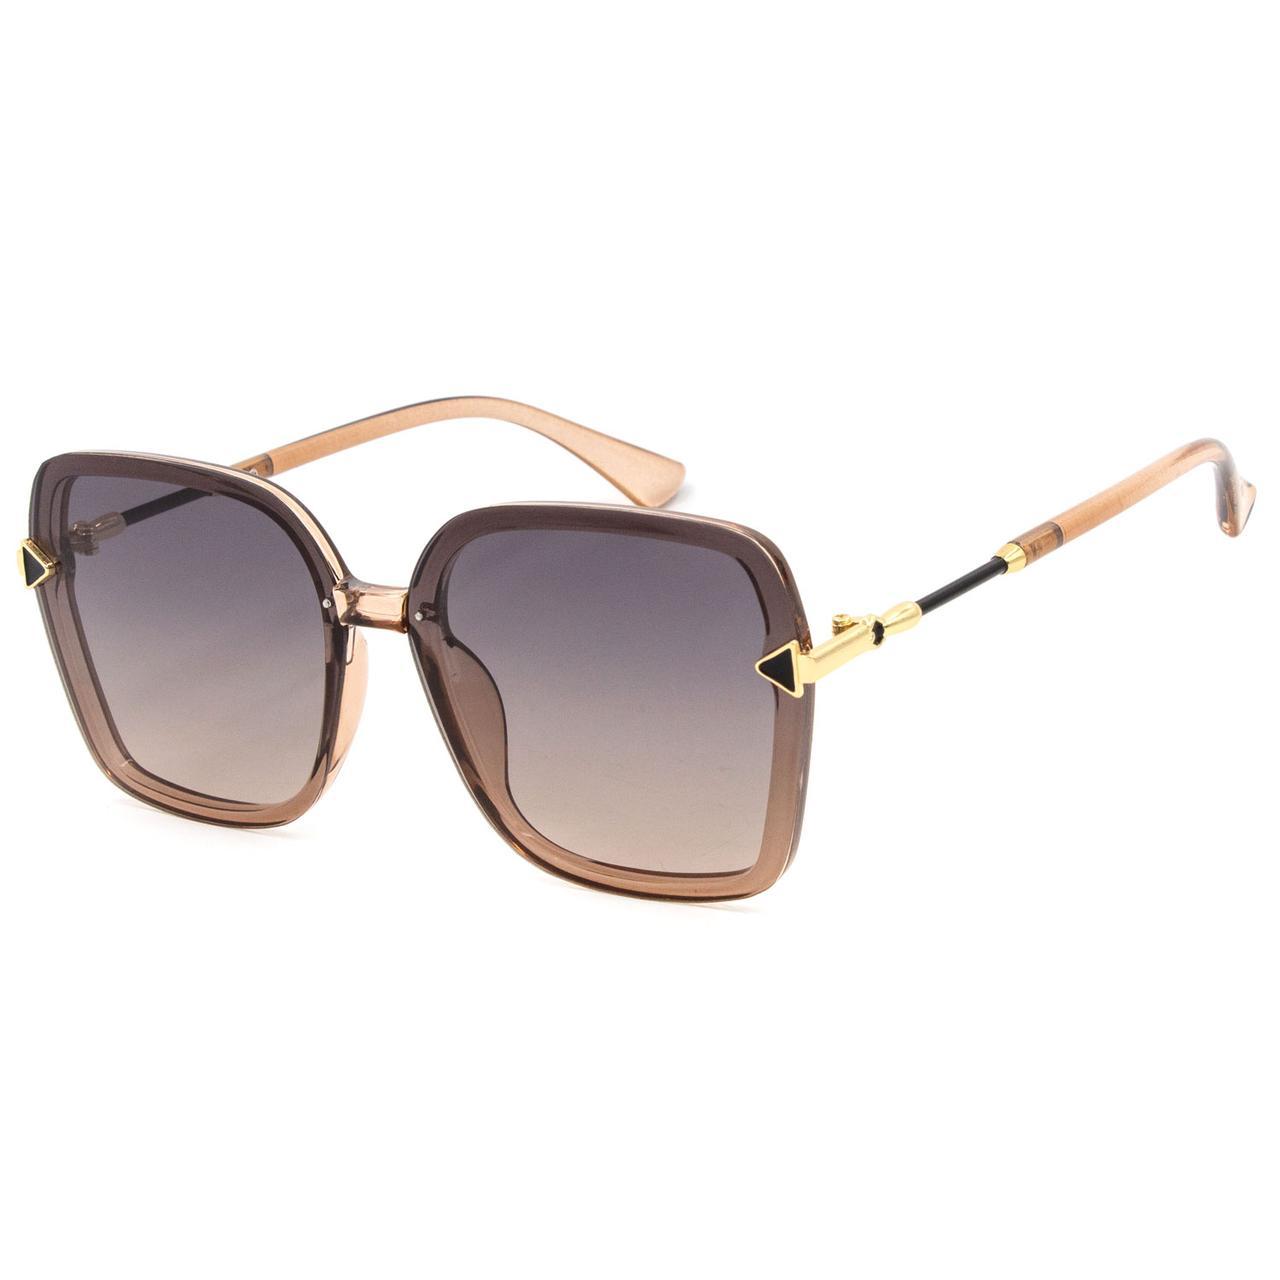 Солнцезащитные очки Marmilen Polar 3229 C4 шампань    ( 3229-04 )